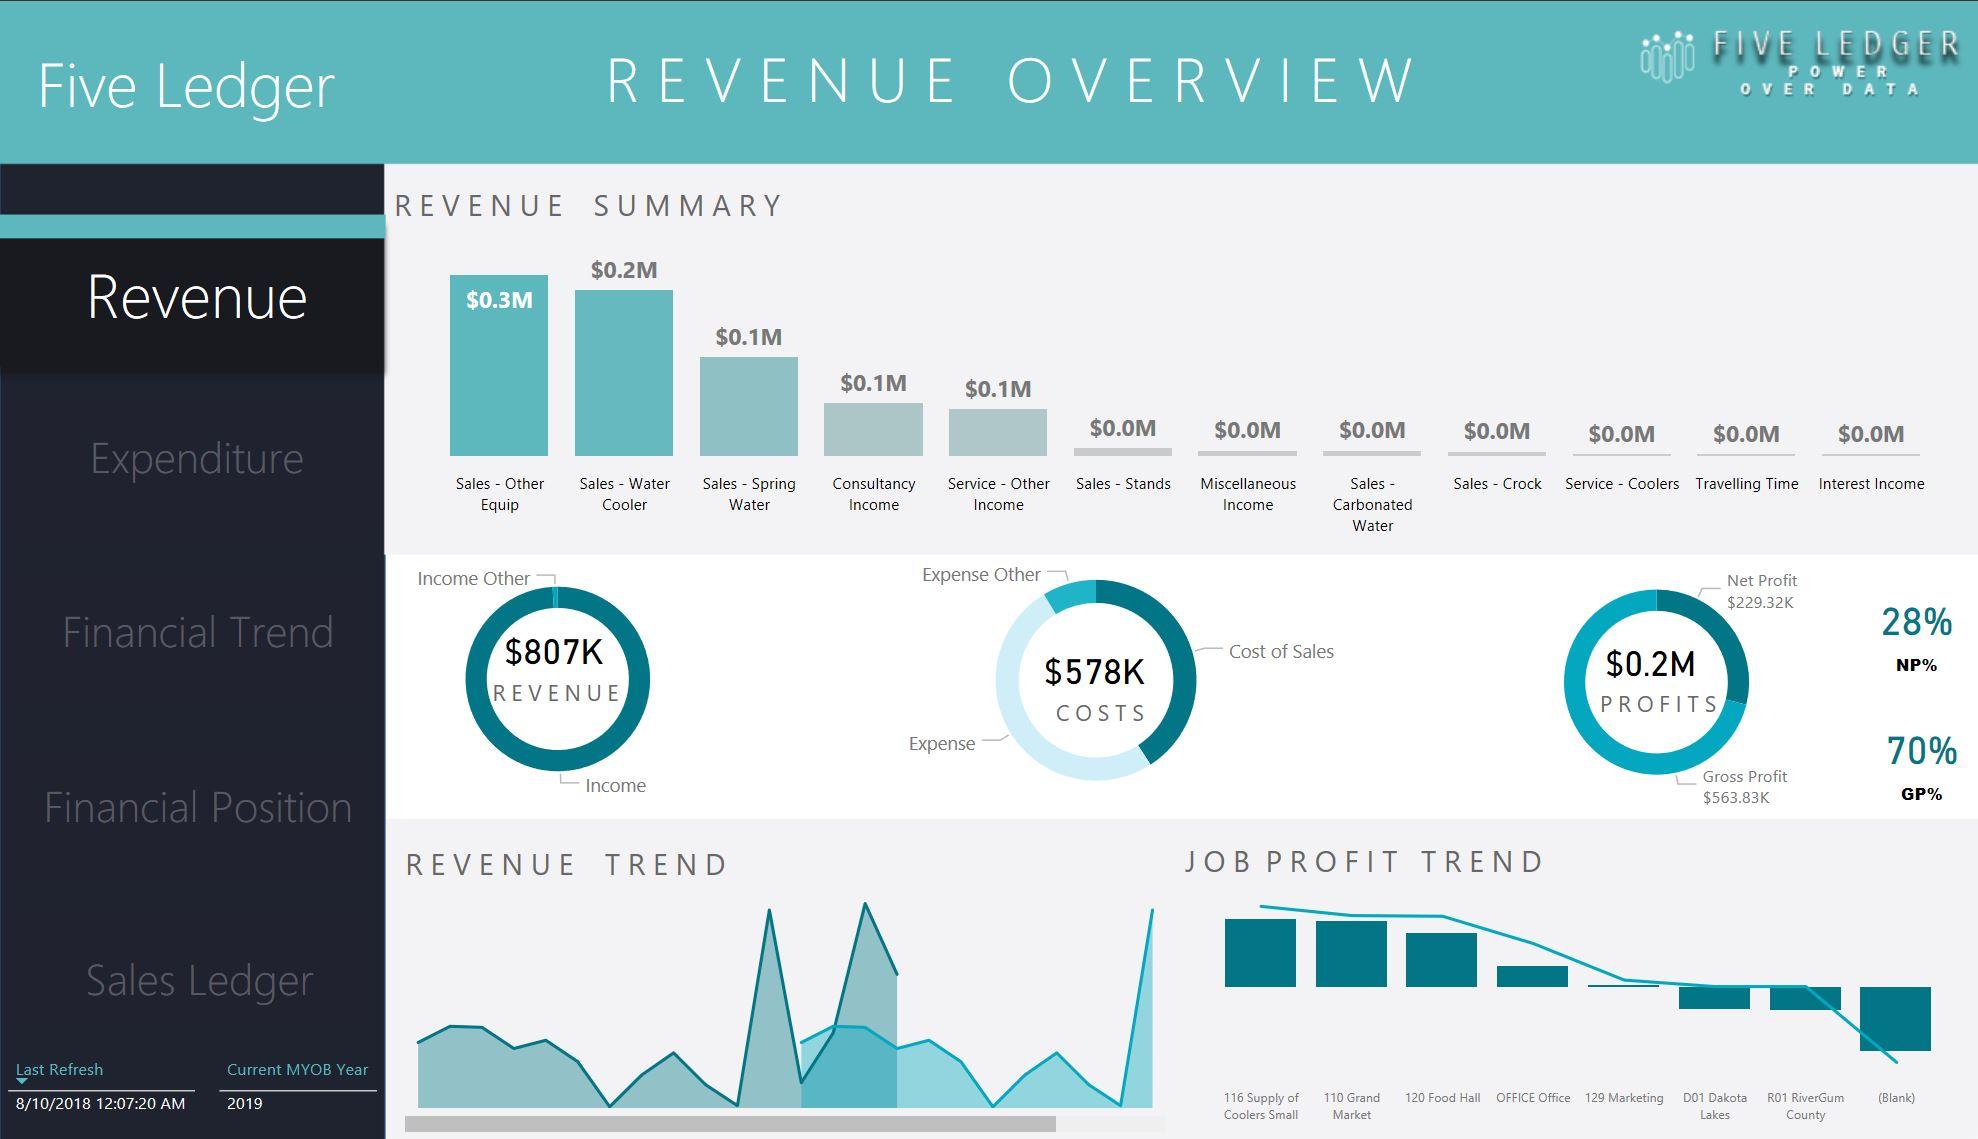 Revenue Summary